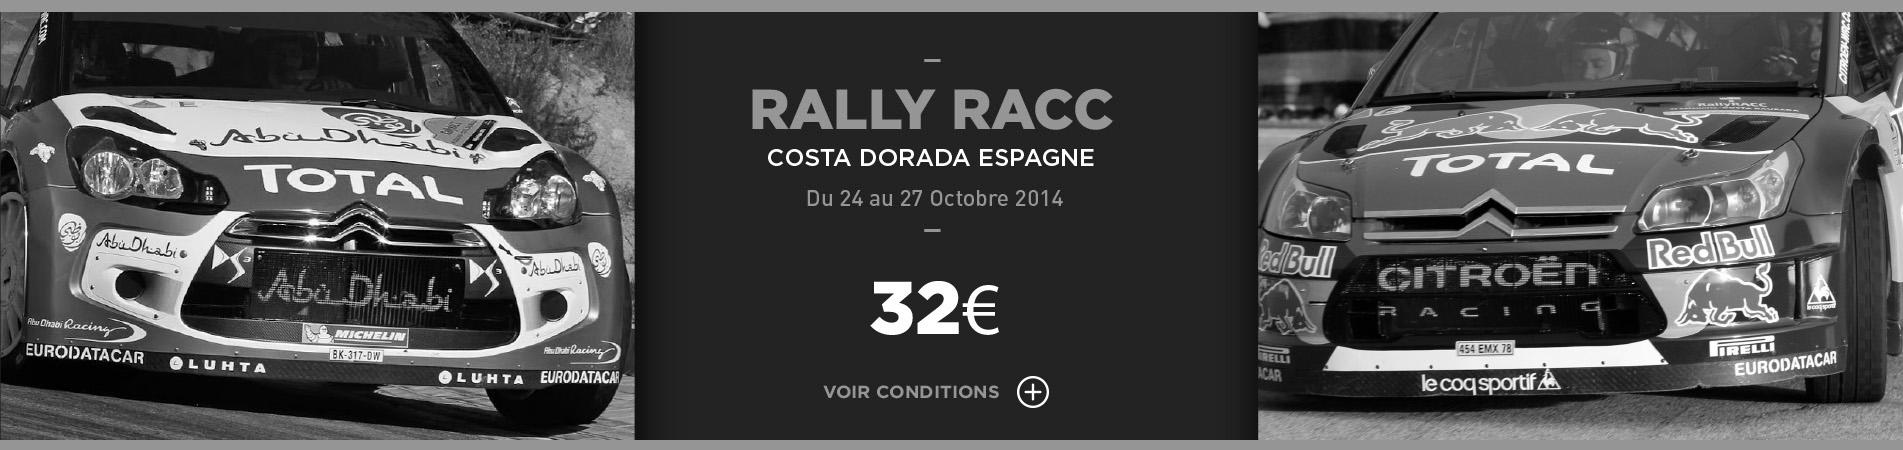 RALLY-RACC2